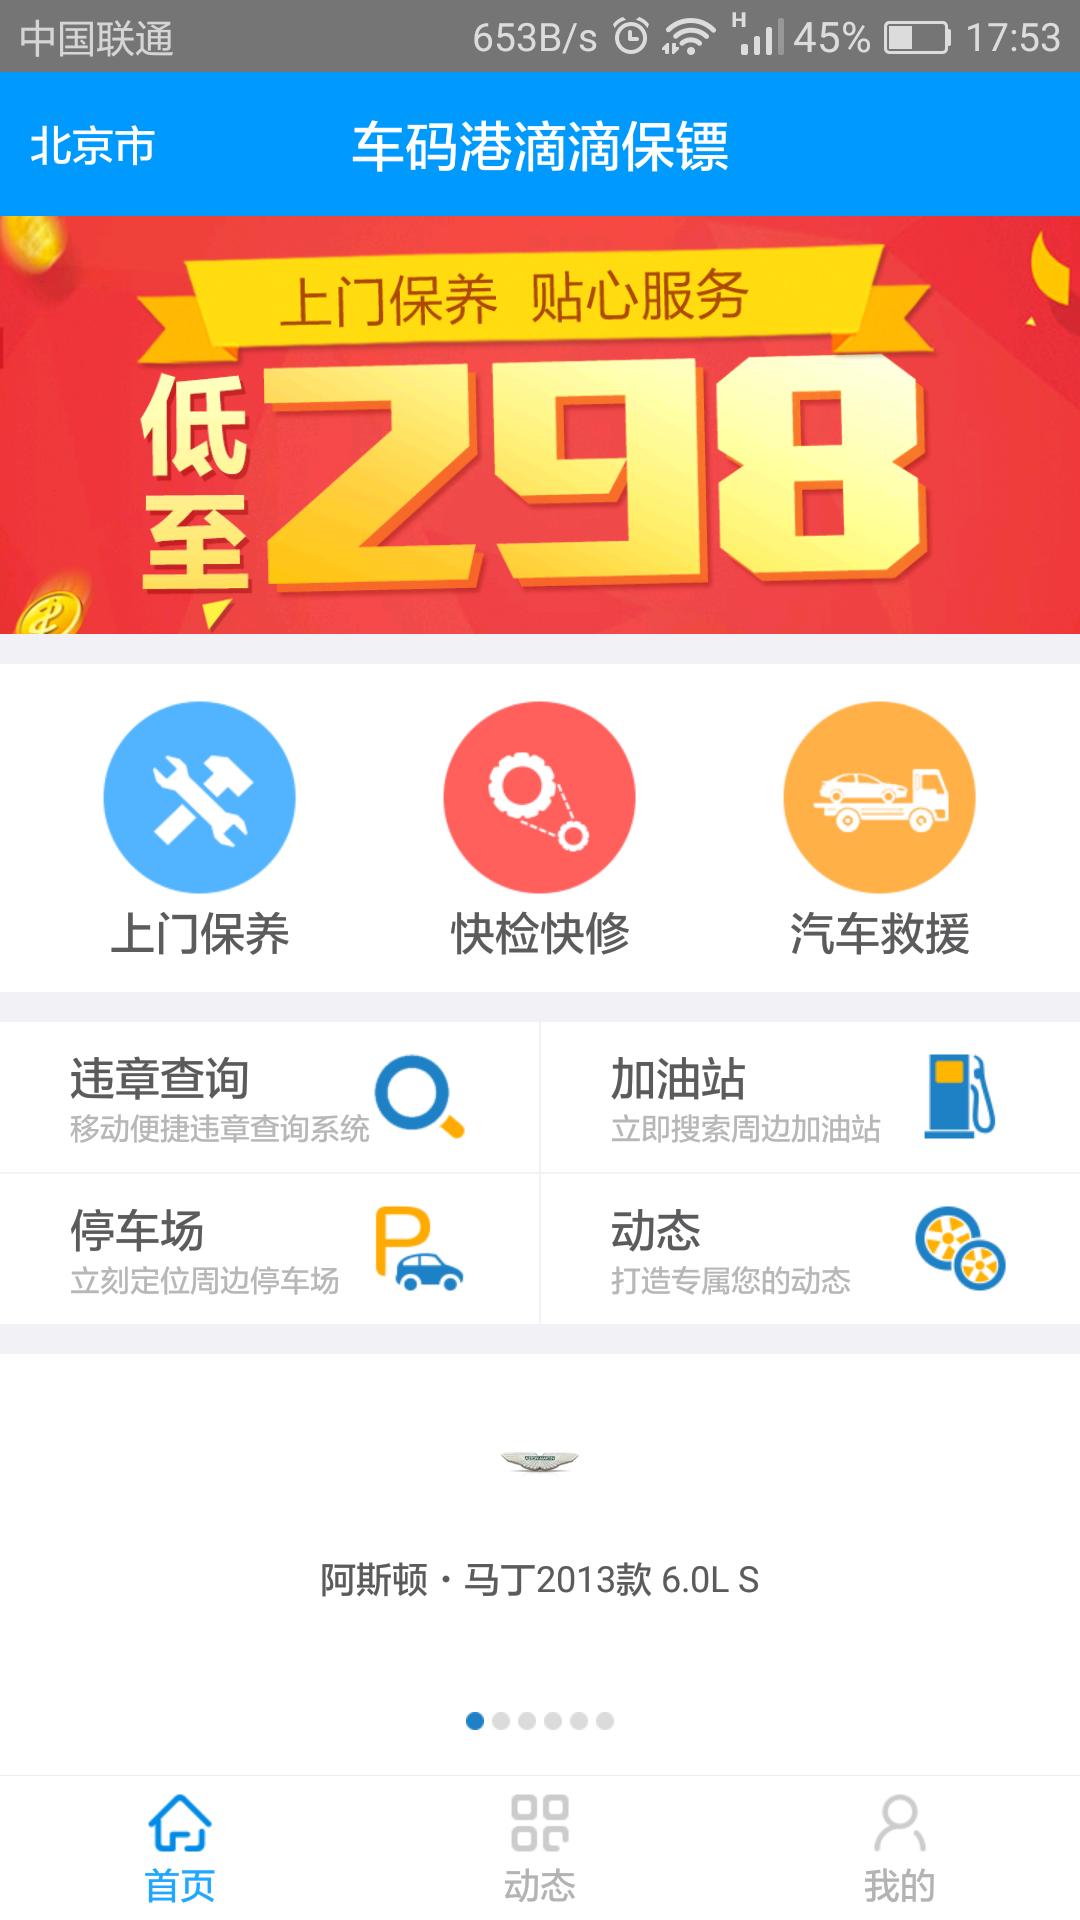 301次下载  |  17mb 使用pp助手汽车维修保养洗车 车码港滴滴保镖app